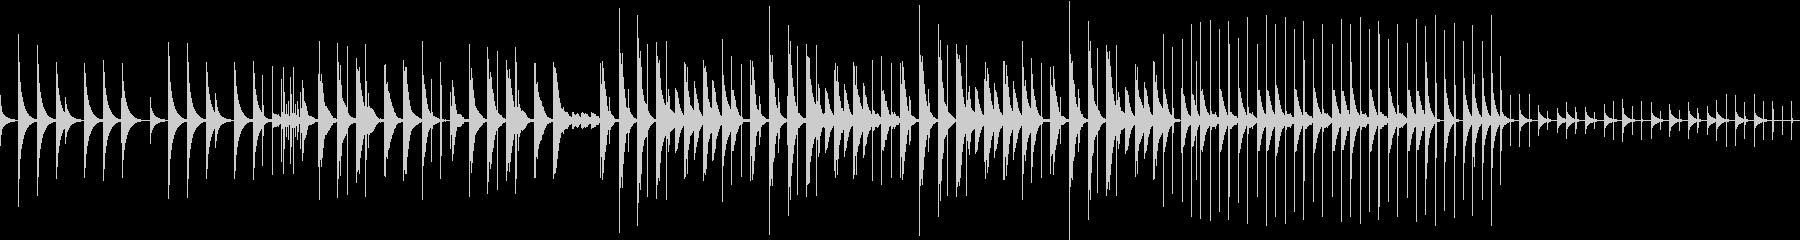 ステレオL Rで楽しめるリズムループの未再生の波形